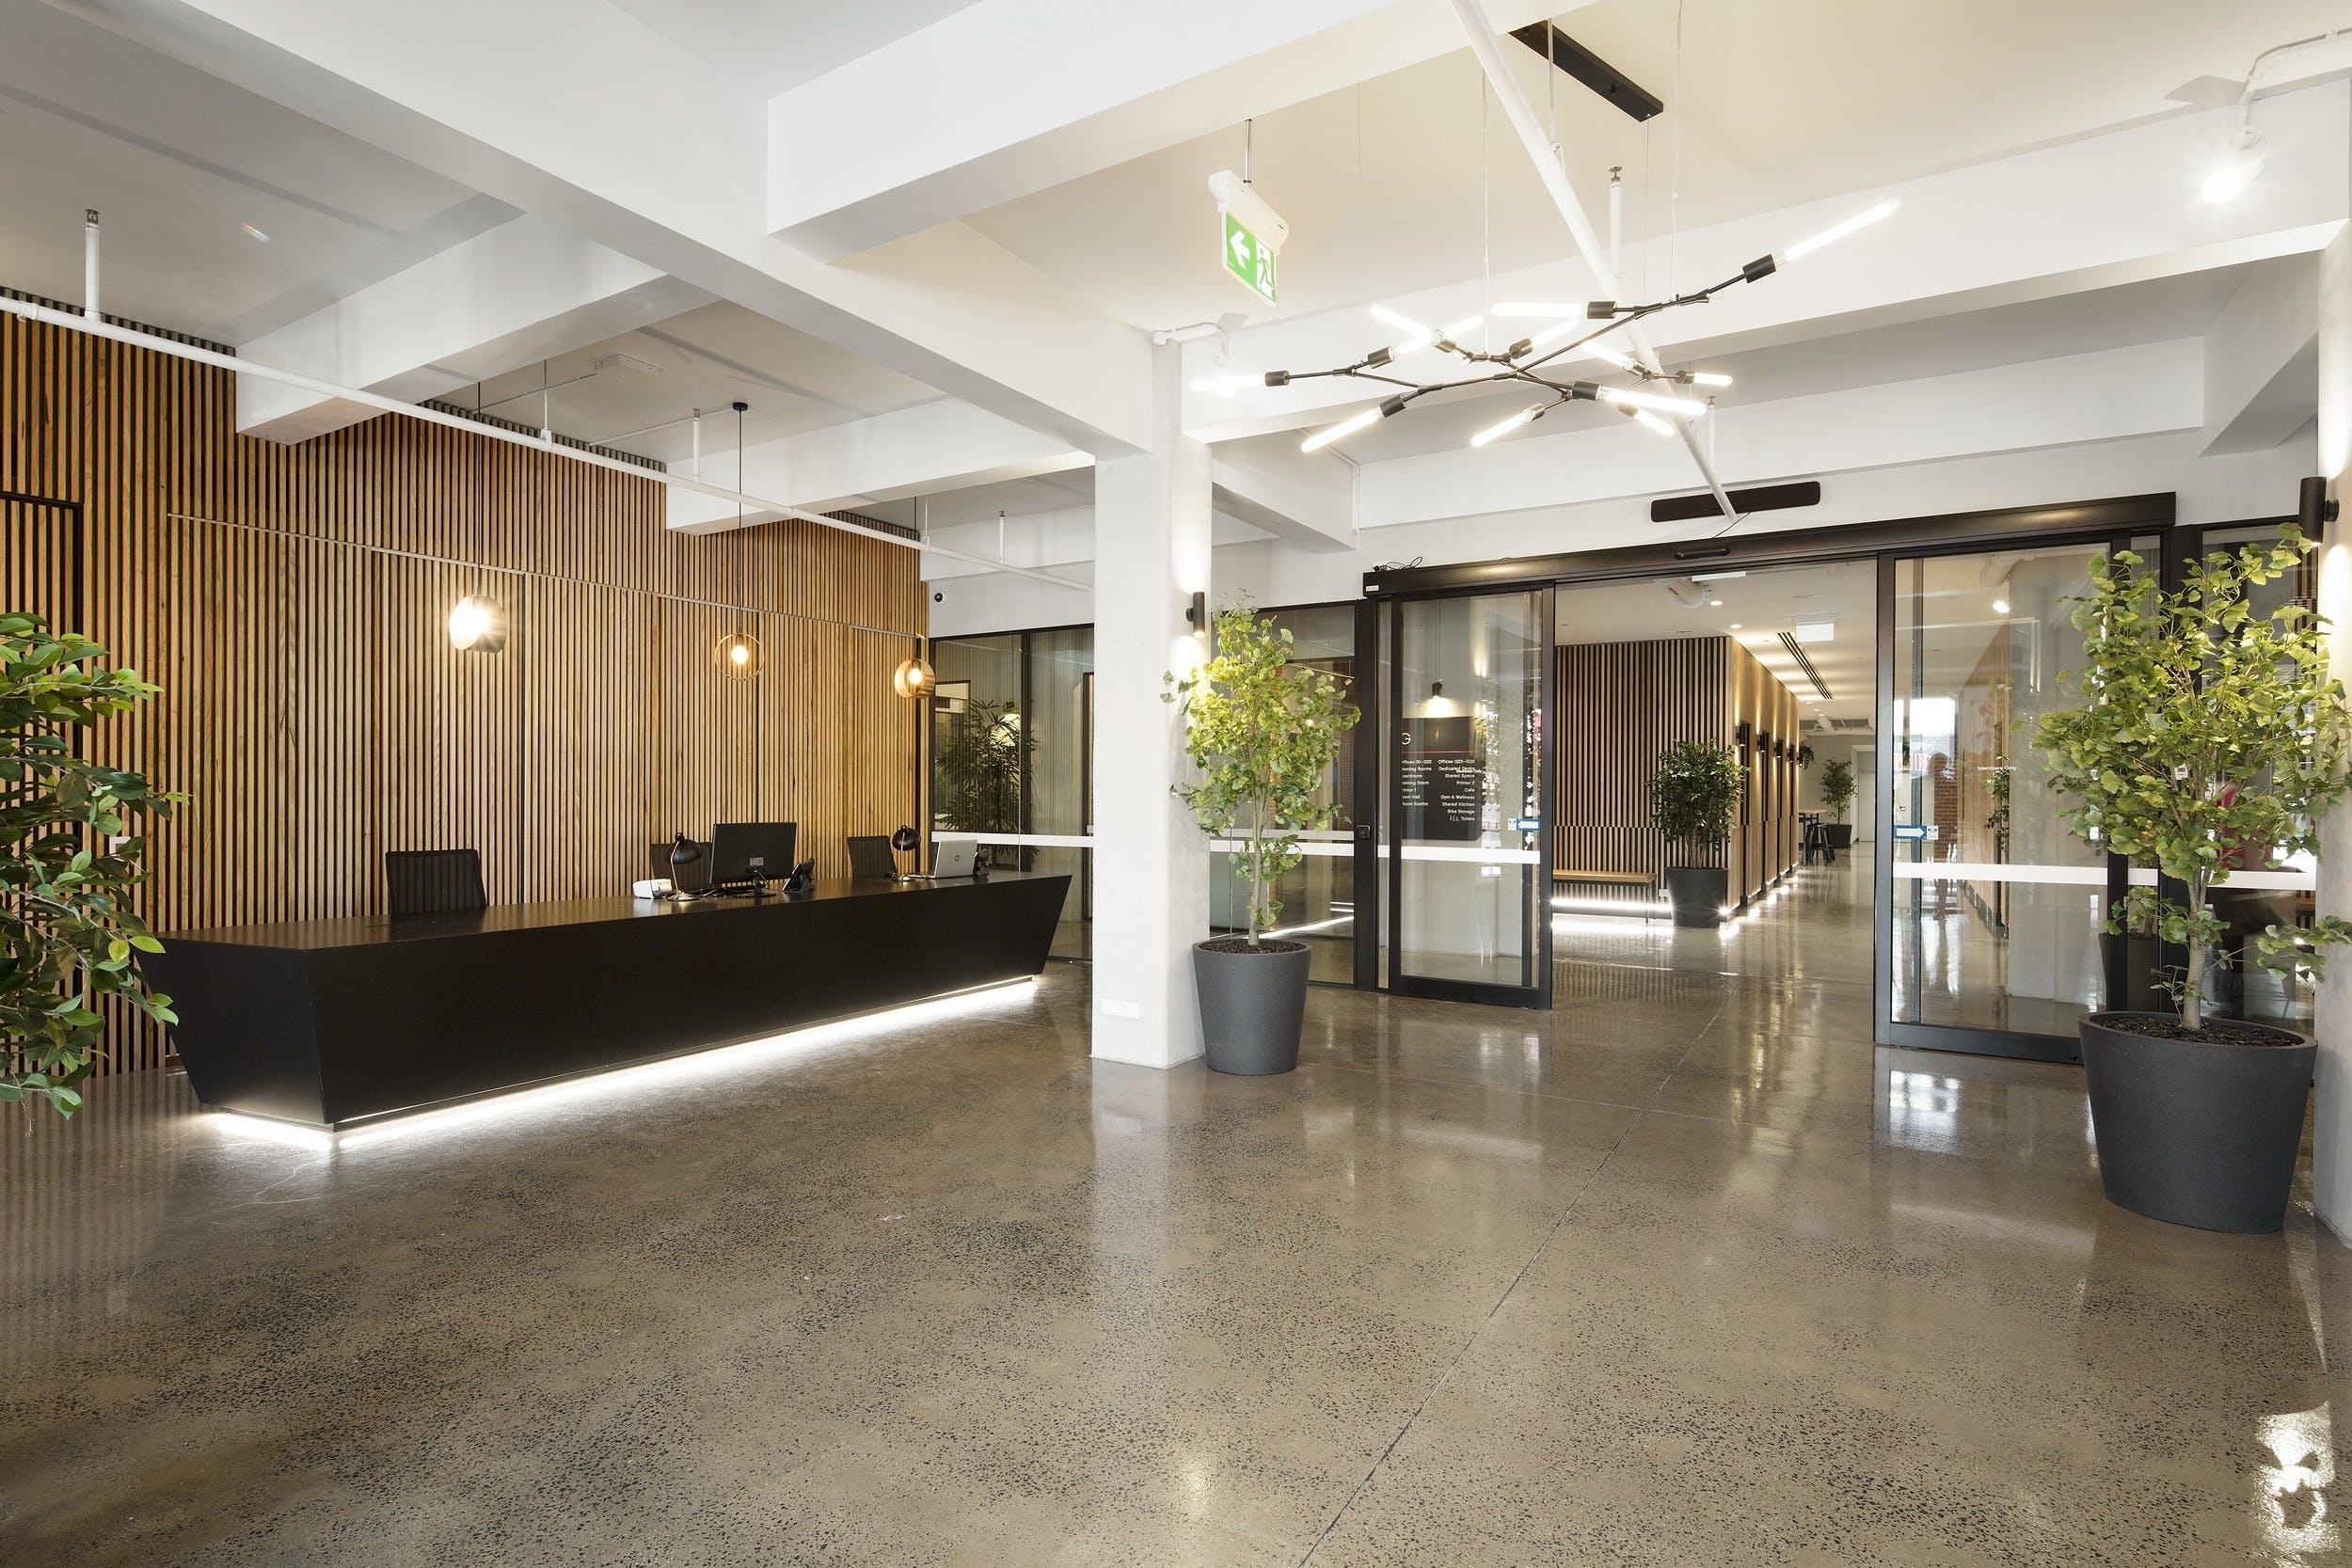 Hot Desking Plan, hot desk at United Co., image 5